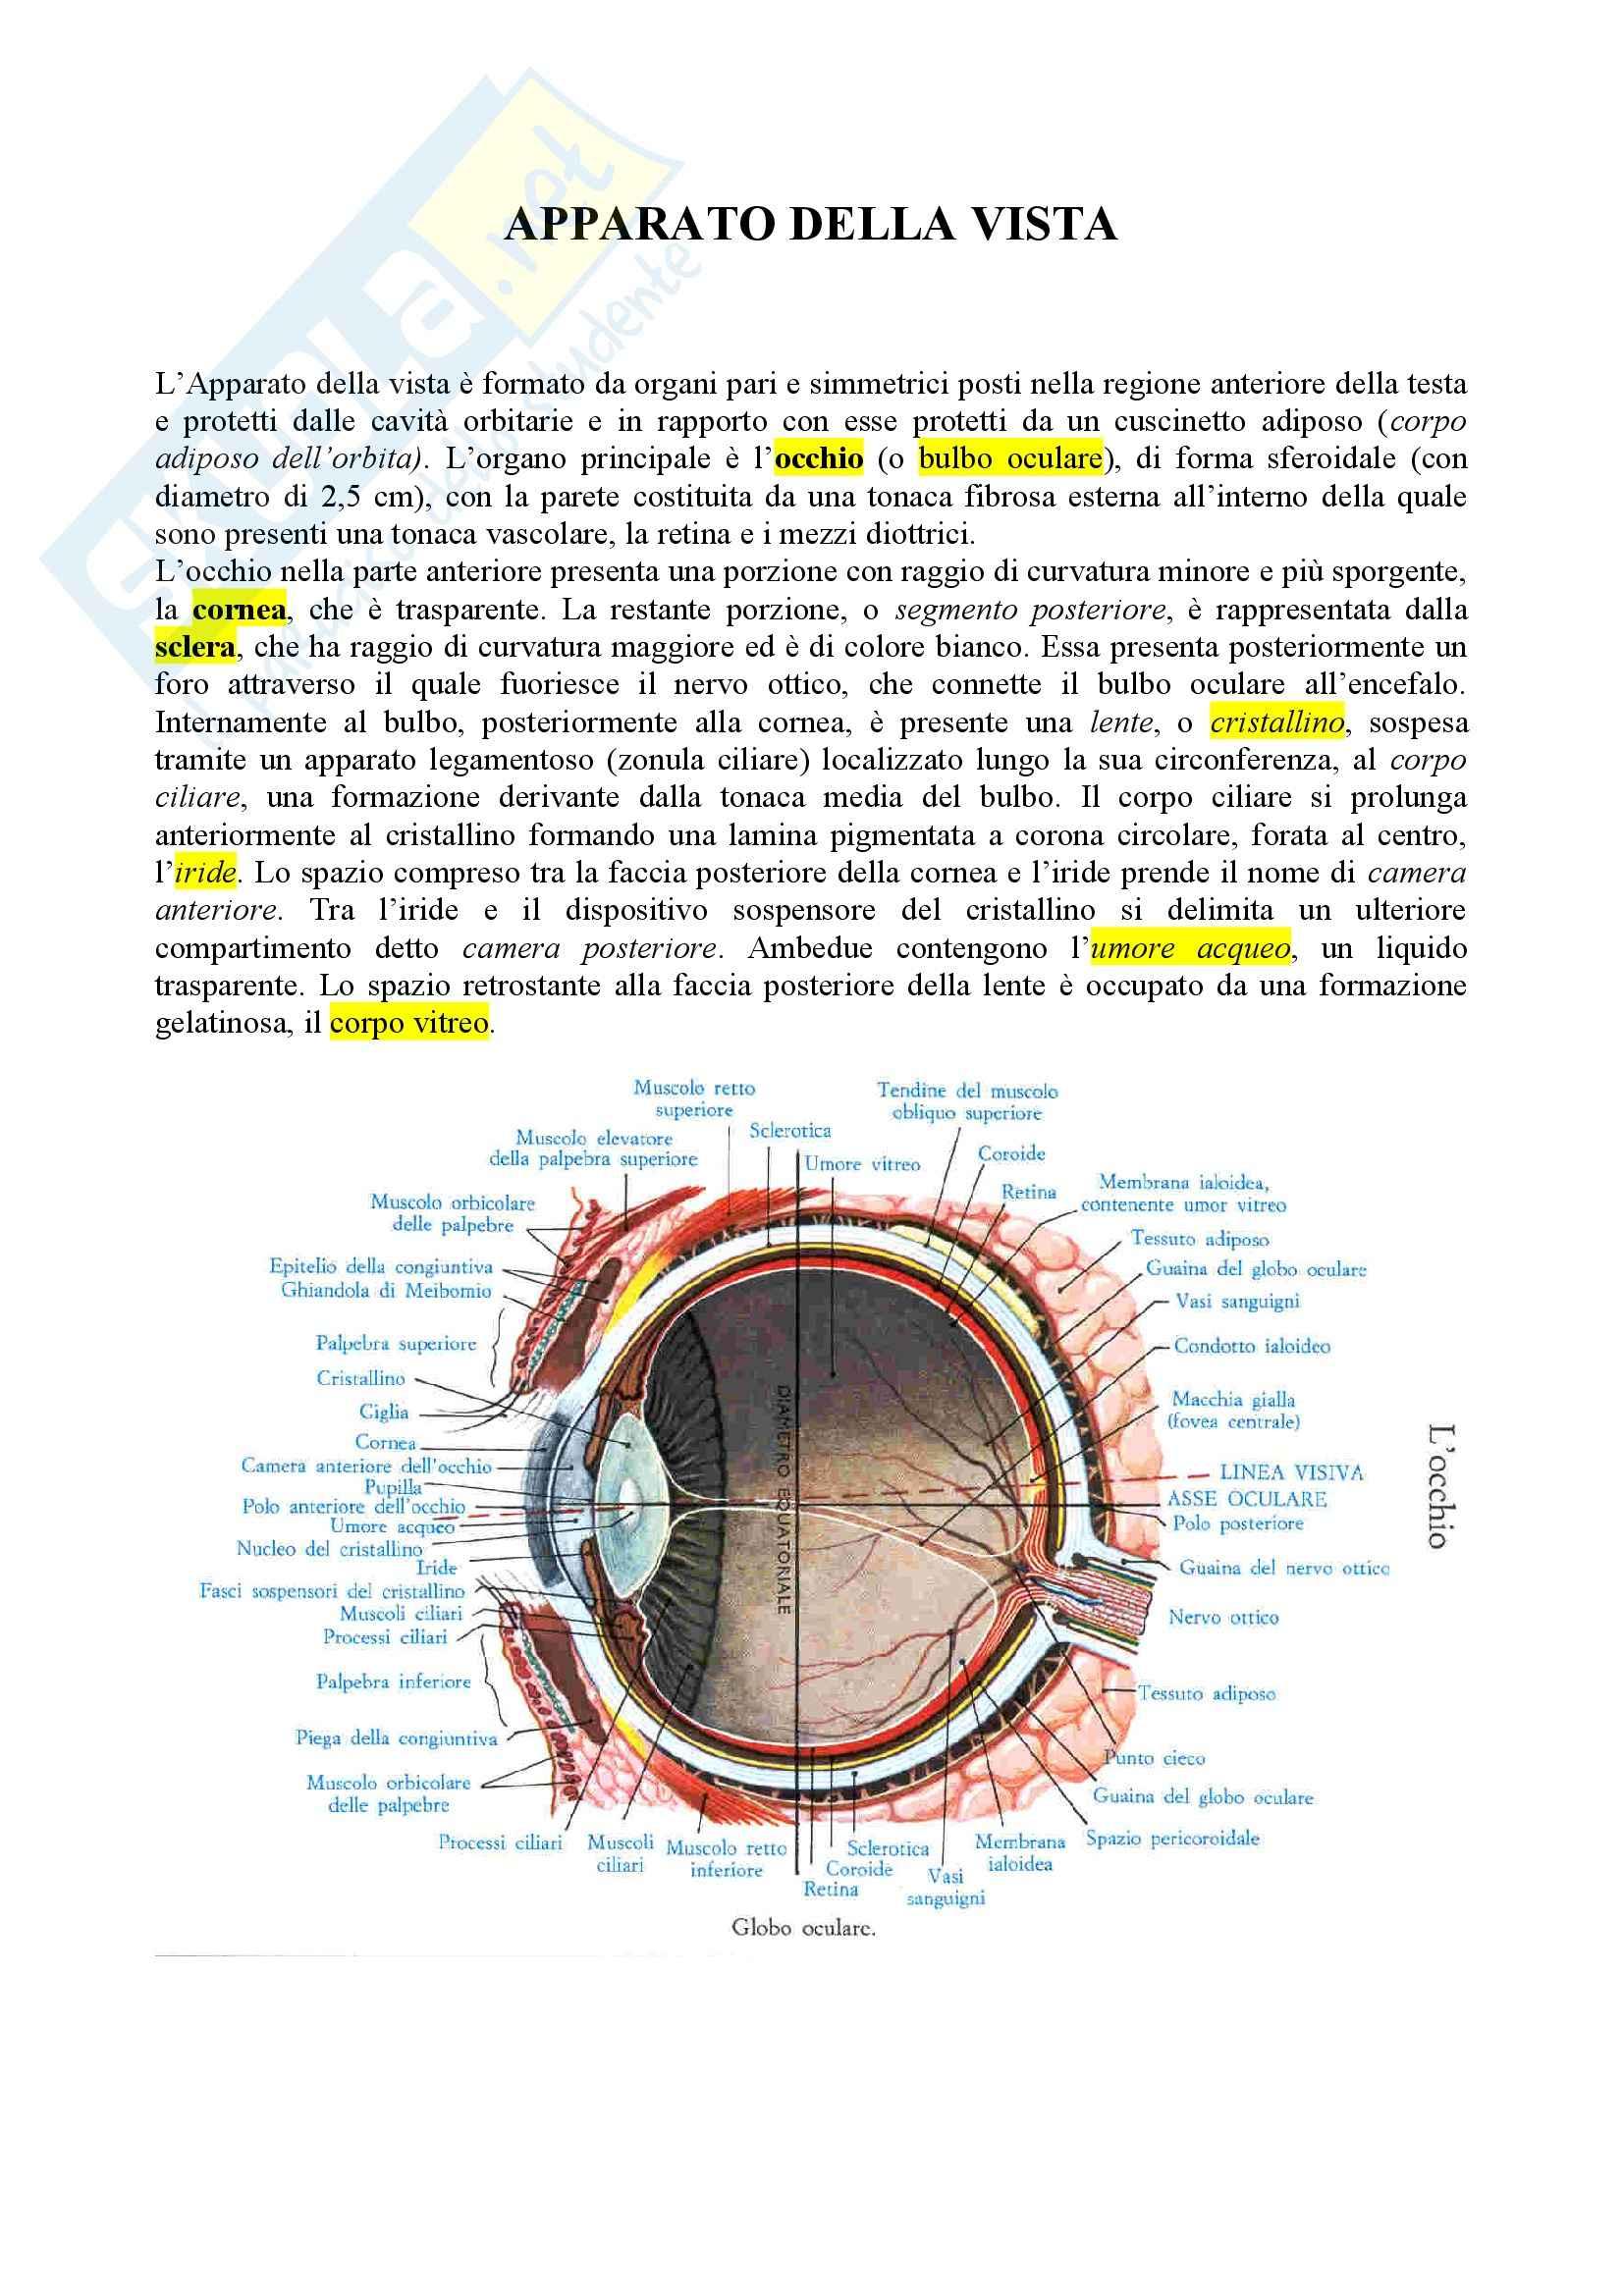 Anatomia umana - apparato della vista